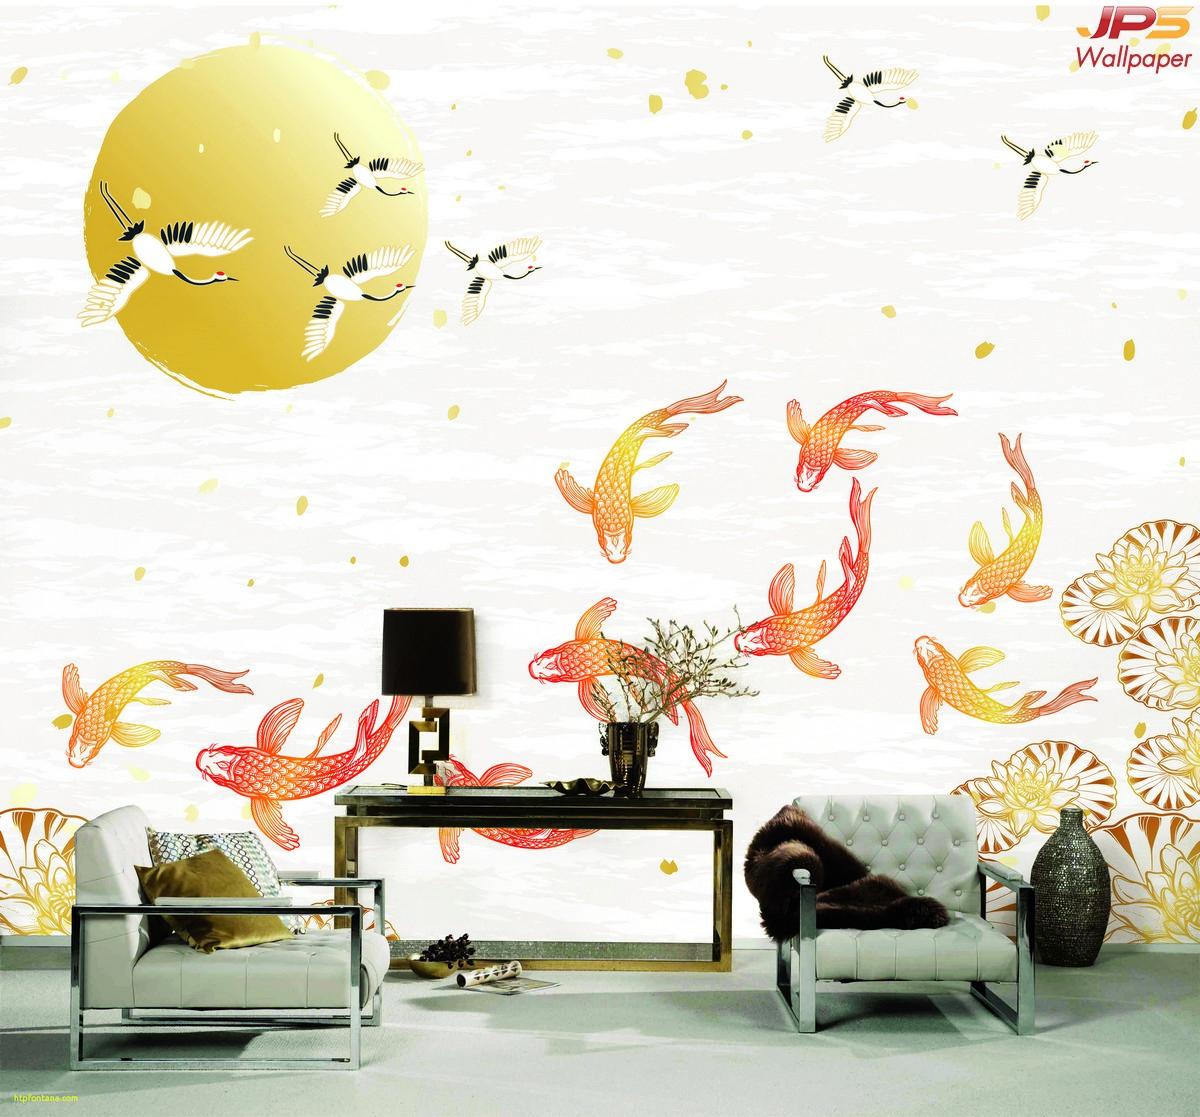 วอลเปเปอร์สั่งพิมพ์ลายสัตว์มงคล วอลเปเปอร์เสริมมงคล ฮวงจุ้ยแต่งบ้านด้วยรูปภาพ ภาพนกกระเรียน ภาพปลาคราฟ ภาพมงคลติดห้องนั่งเล่น